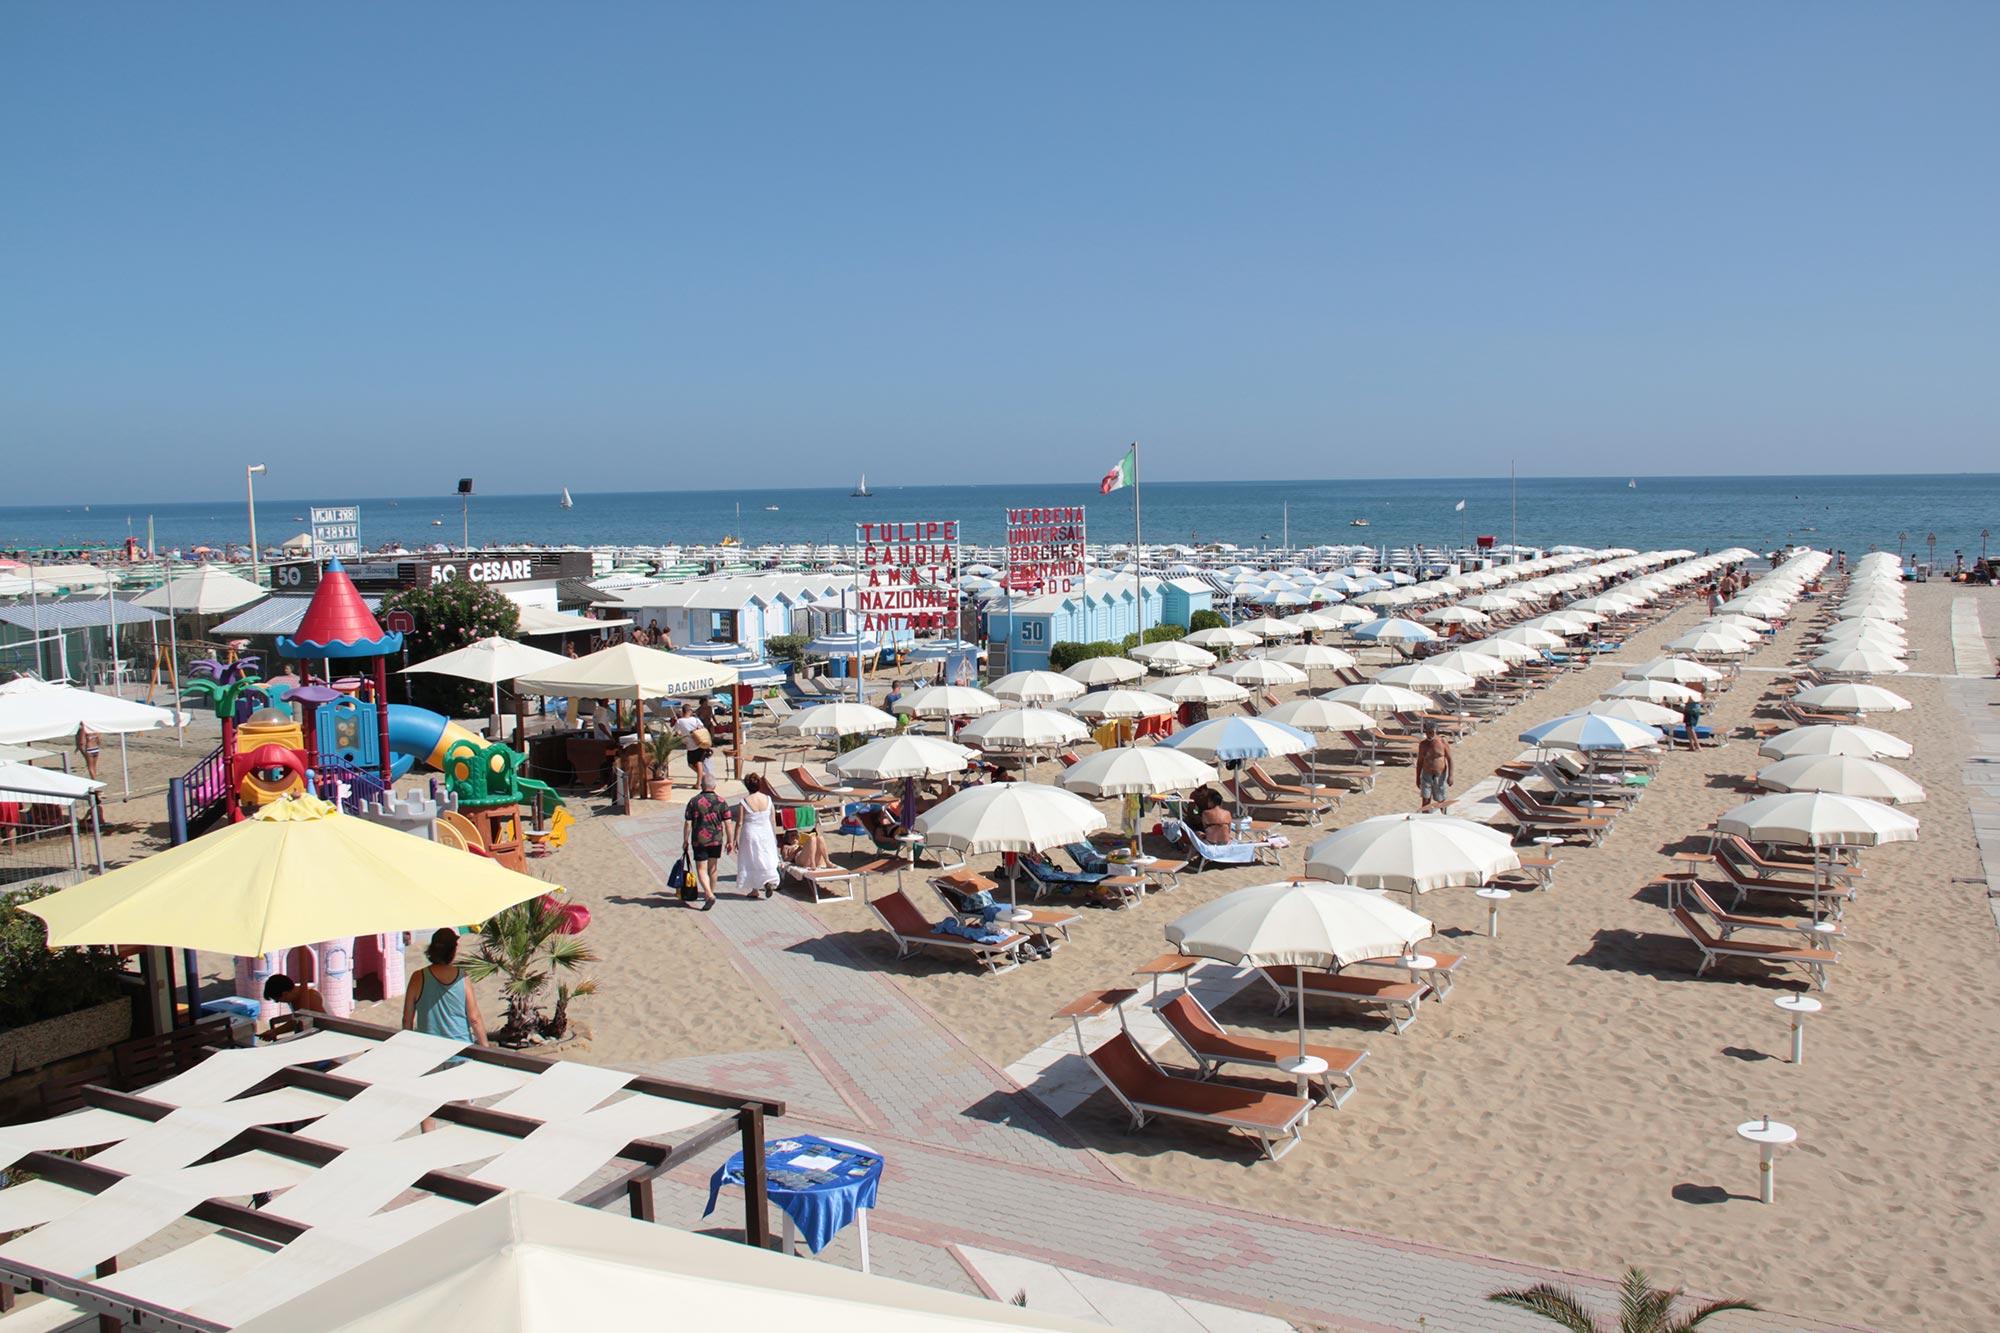 Spiaggia 50 2000